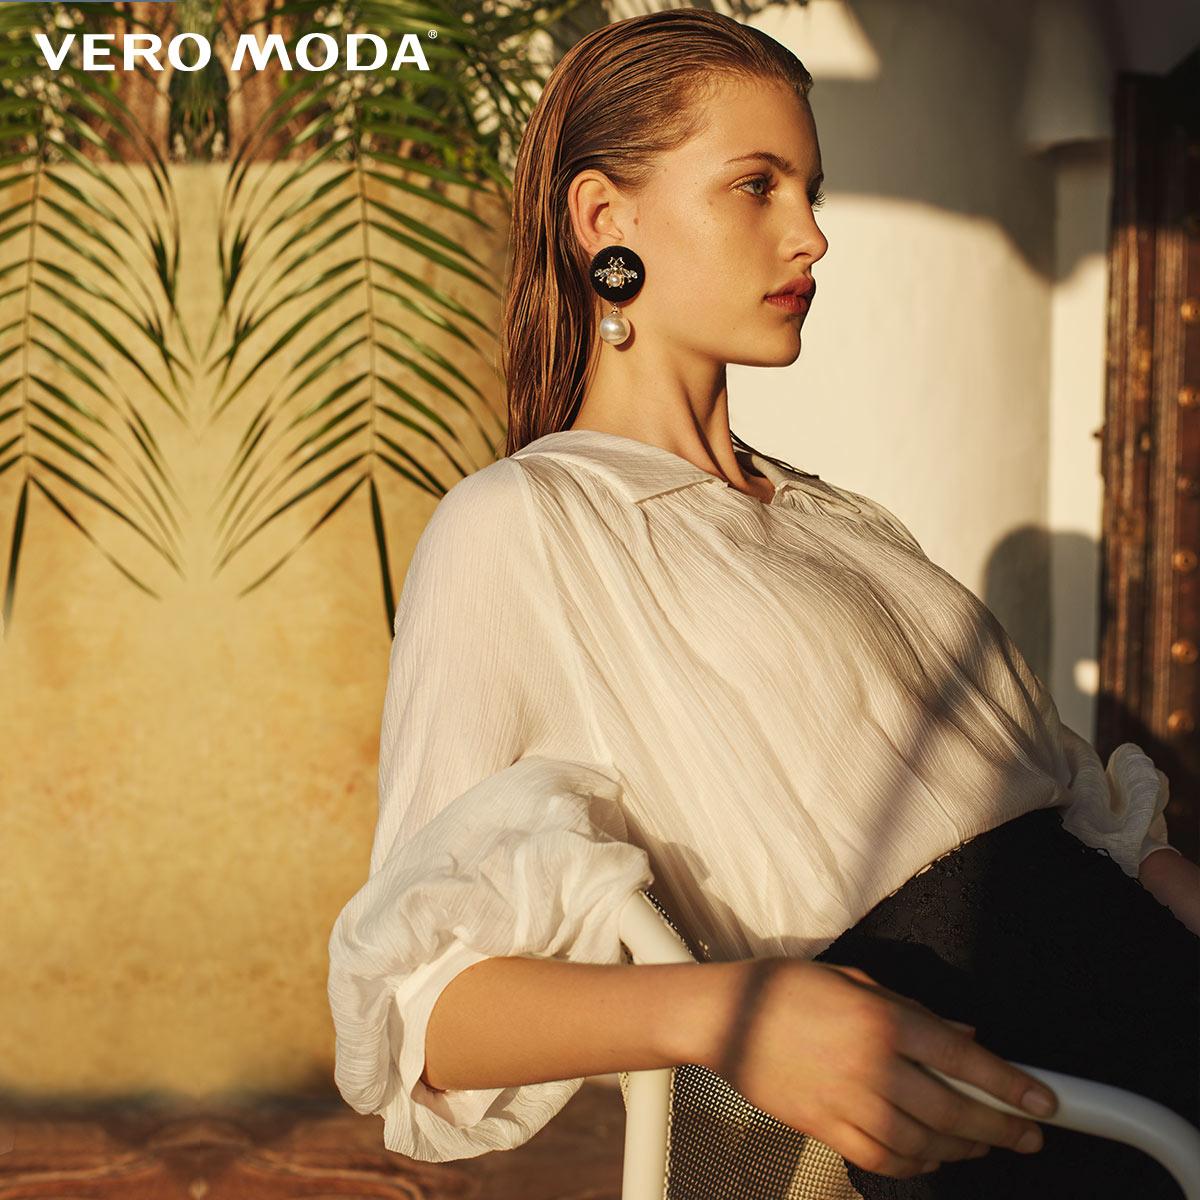 Vero moda tecido vincado feminino turn-down collar cotovelo mangas topos   31926x516